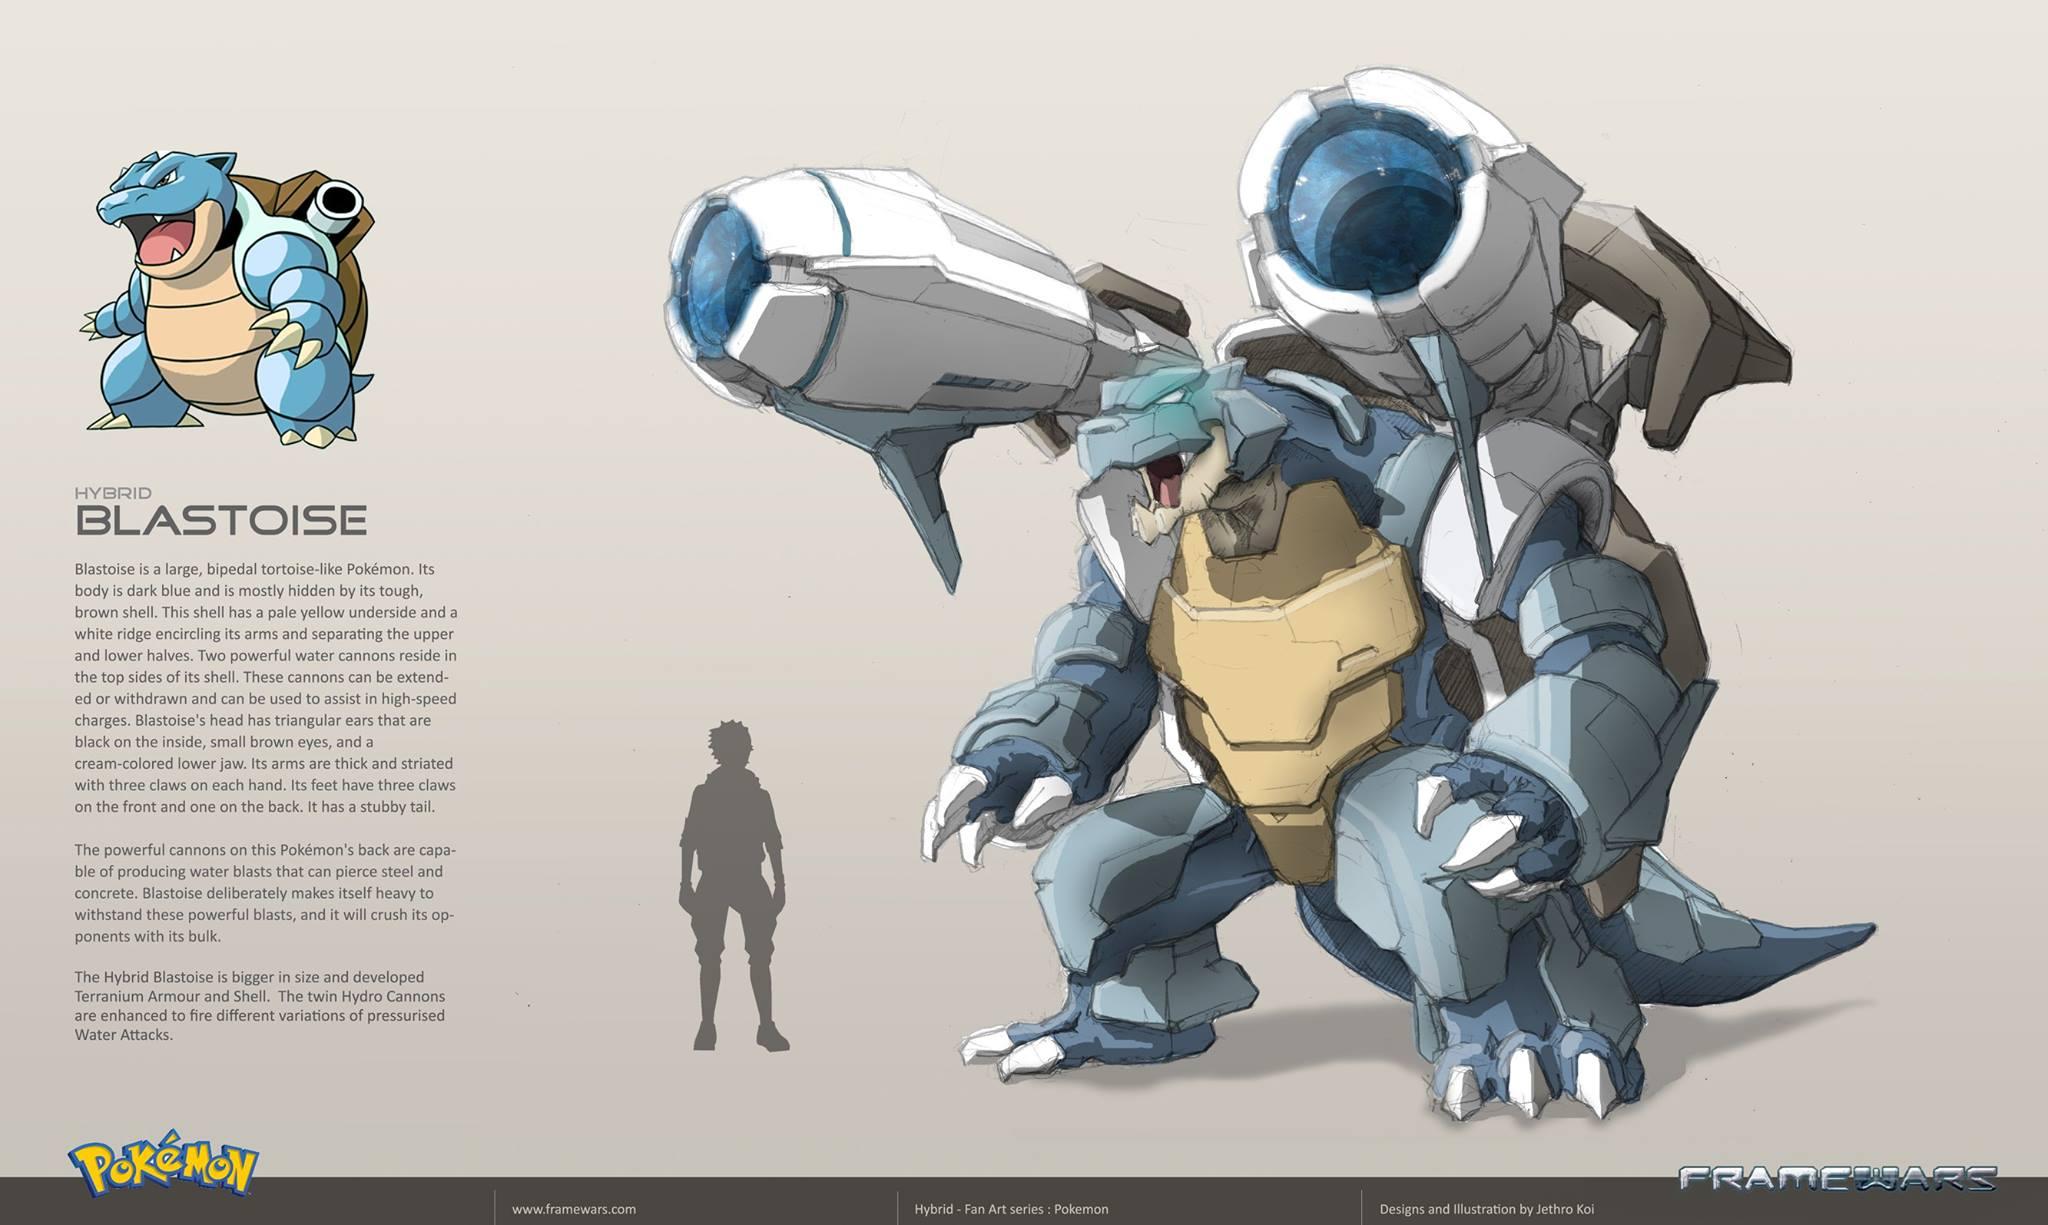 pokemon-go-hybrid-blastoise